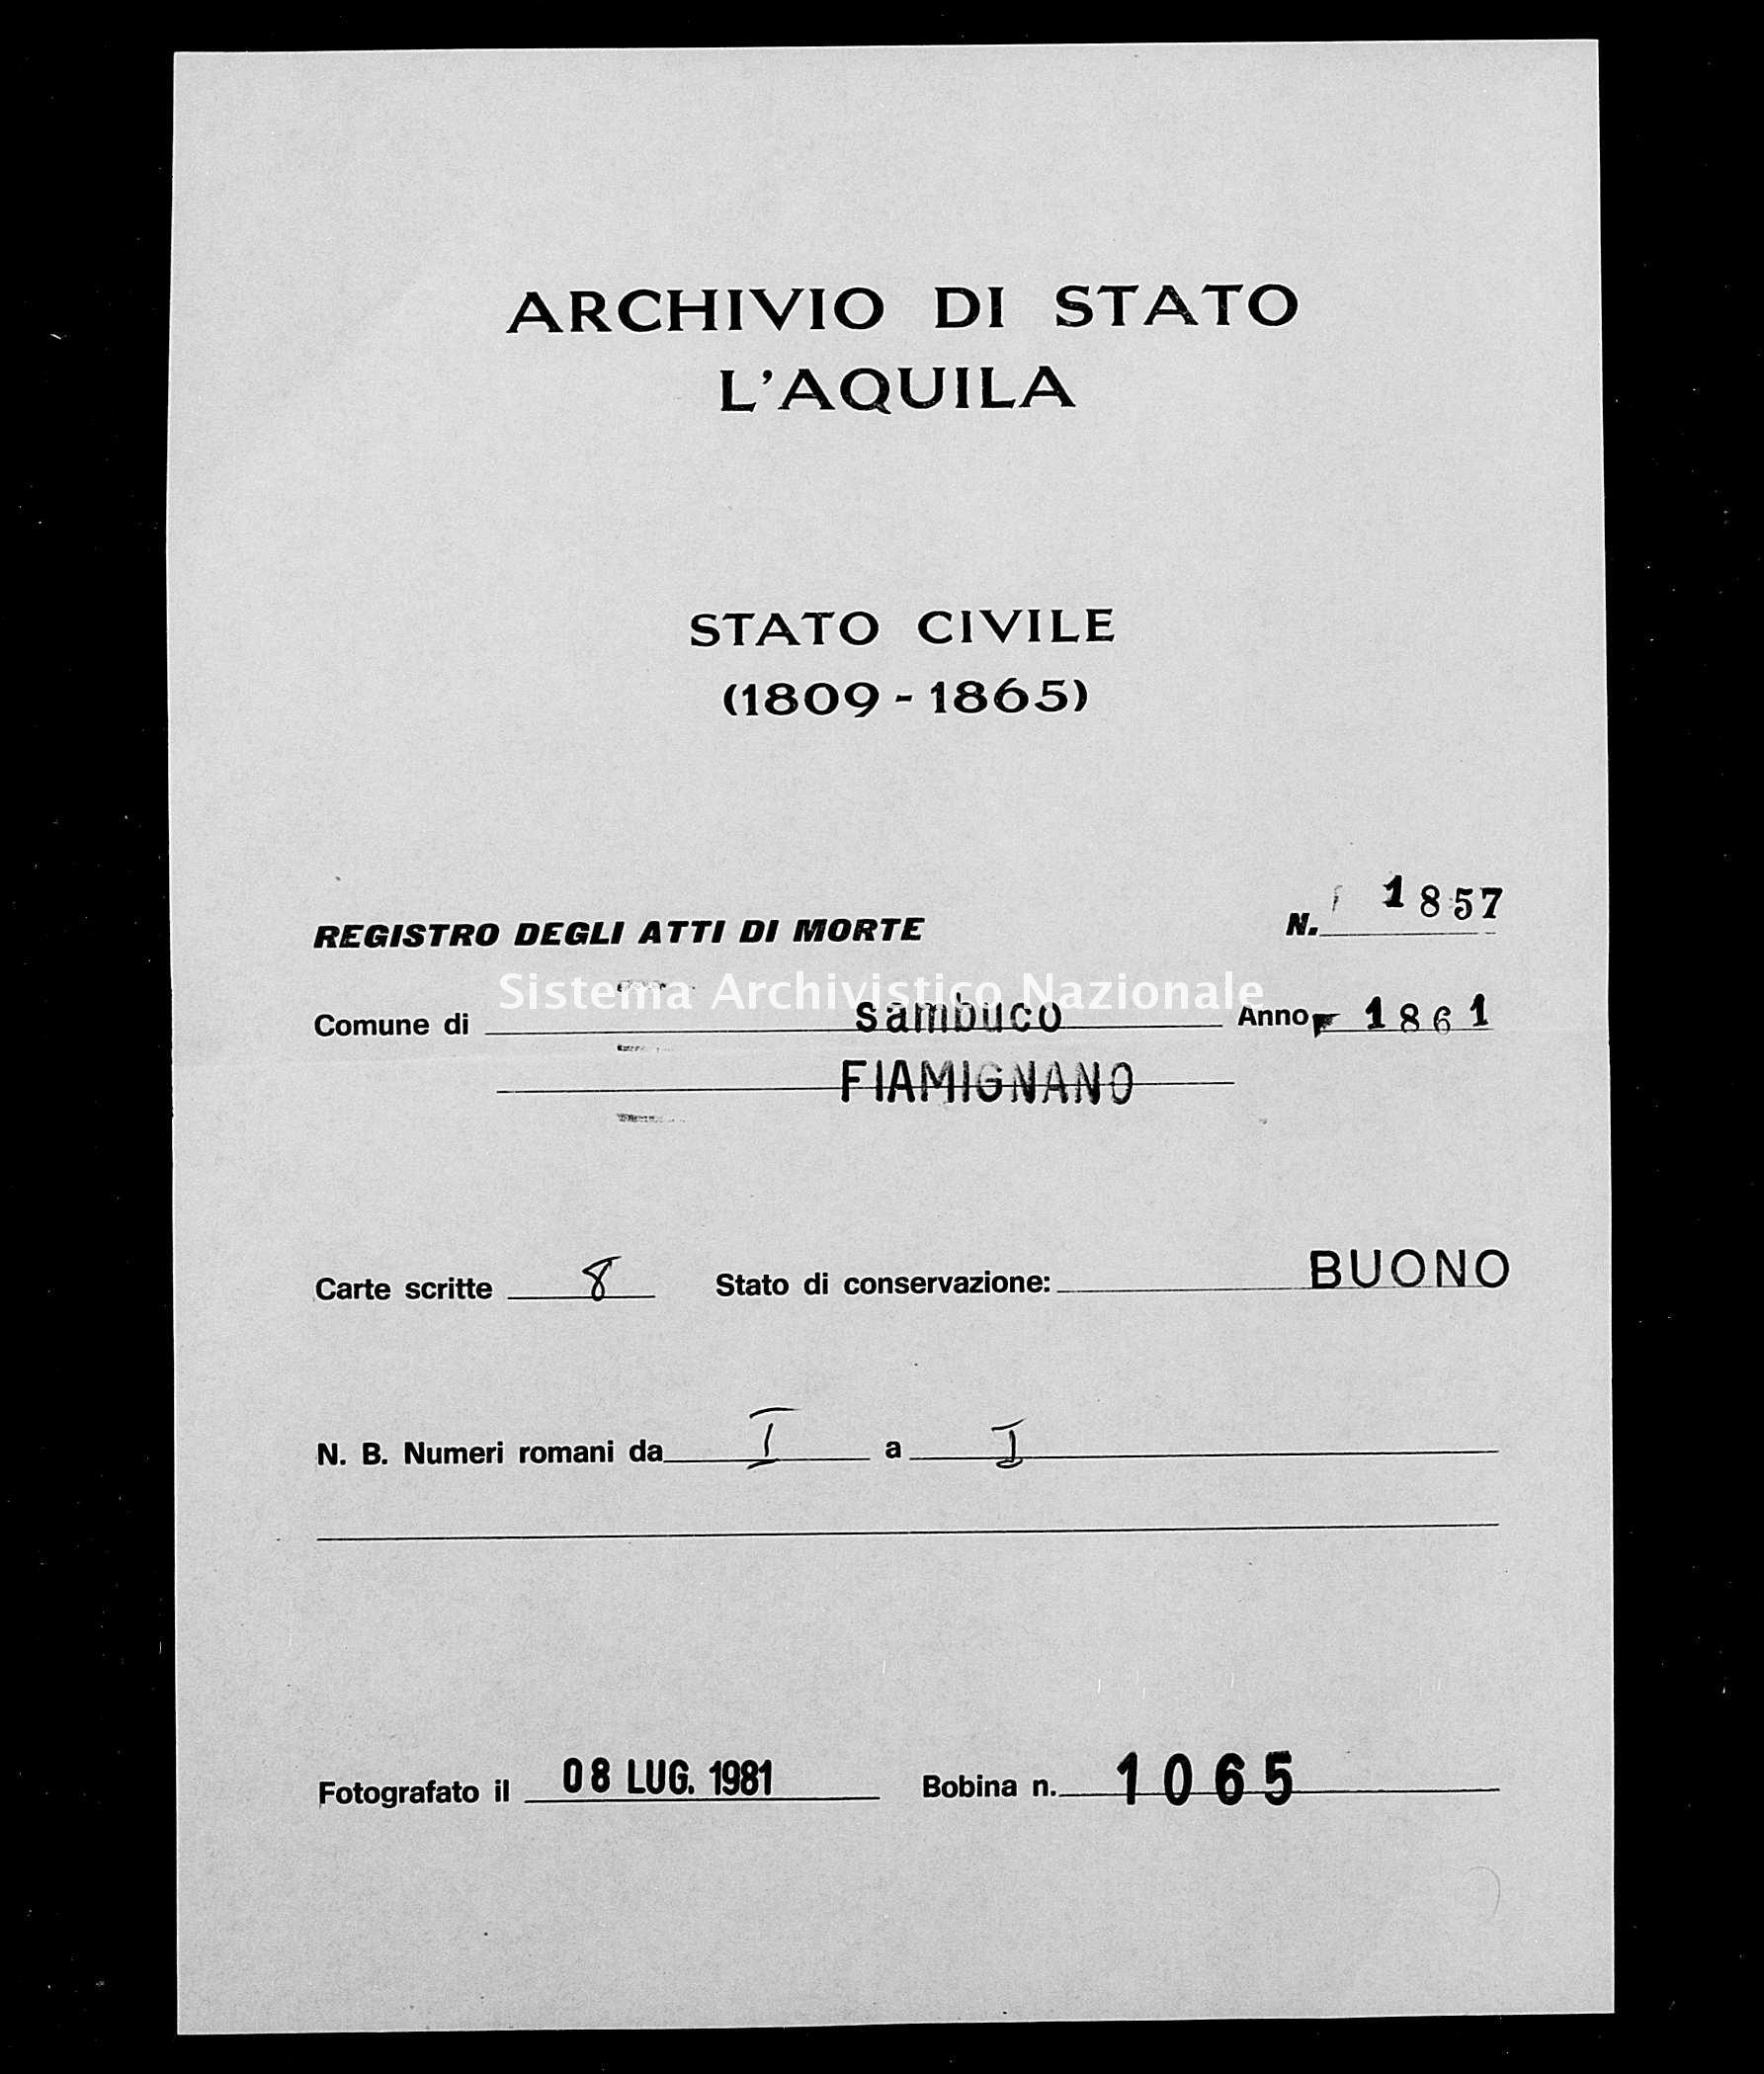 Archivio di stato di L'aquila - Stato civile italiano - Sambuco - Morti - 1861 - 1857 -